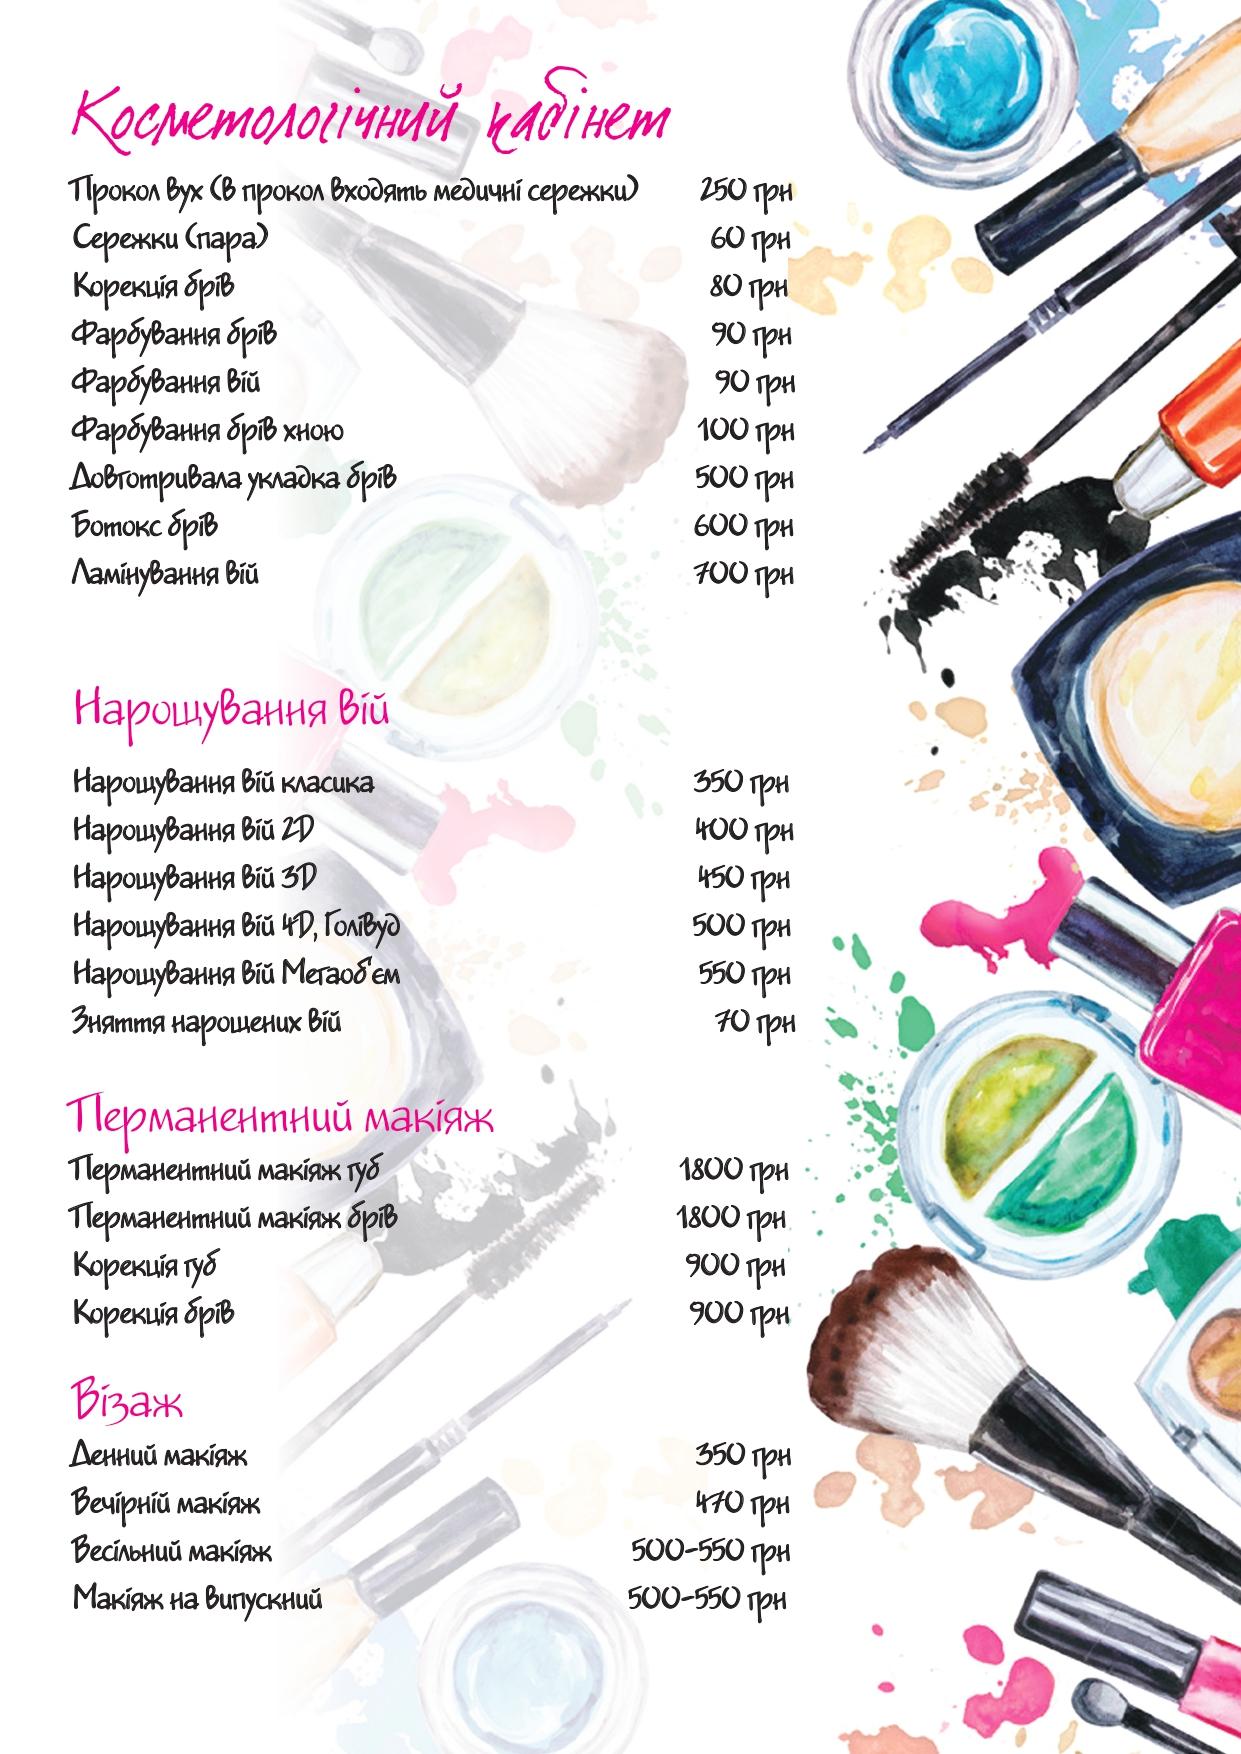 akvamarin_noyabr_ukr_2_page-0004